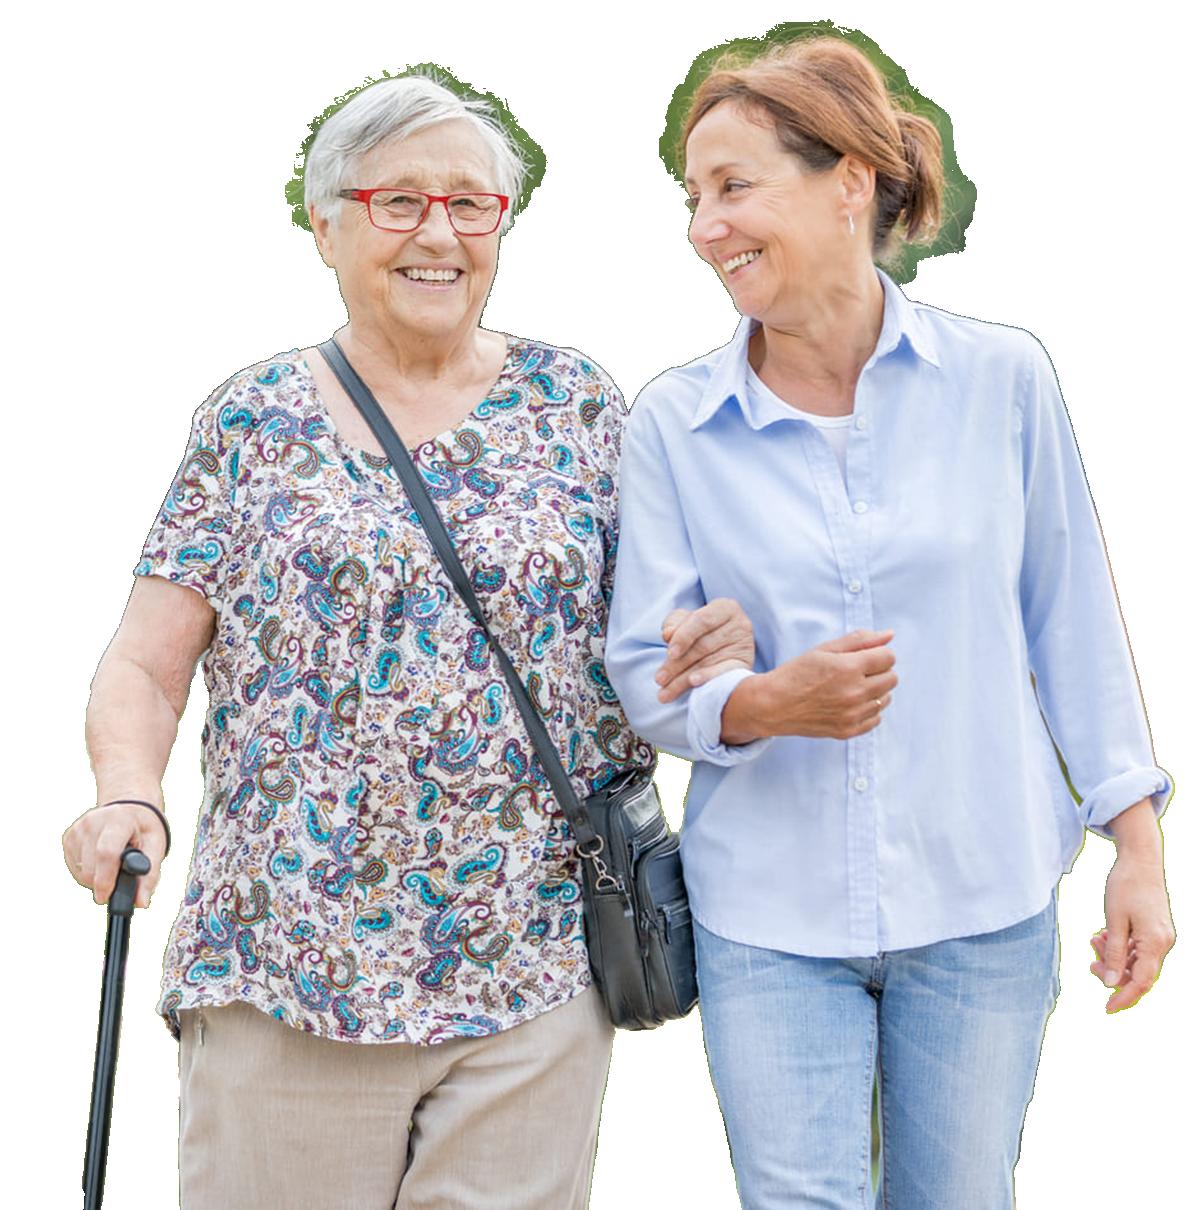 Tochter und Mutter gehen Spazieren - Altenheime Apel betreiben 5 Einrichtungen für Altenpflege & Seniorenbetreuung in Geesthacht, nähe Hamburg